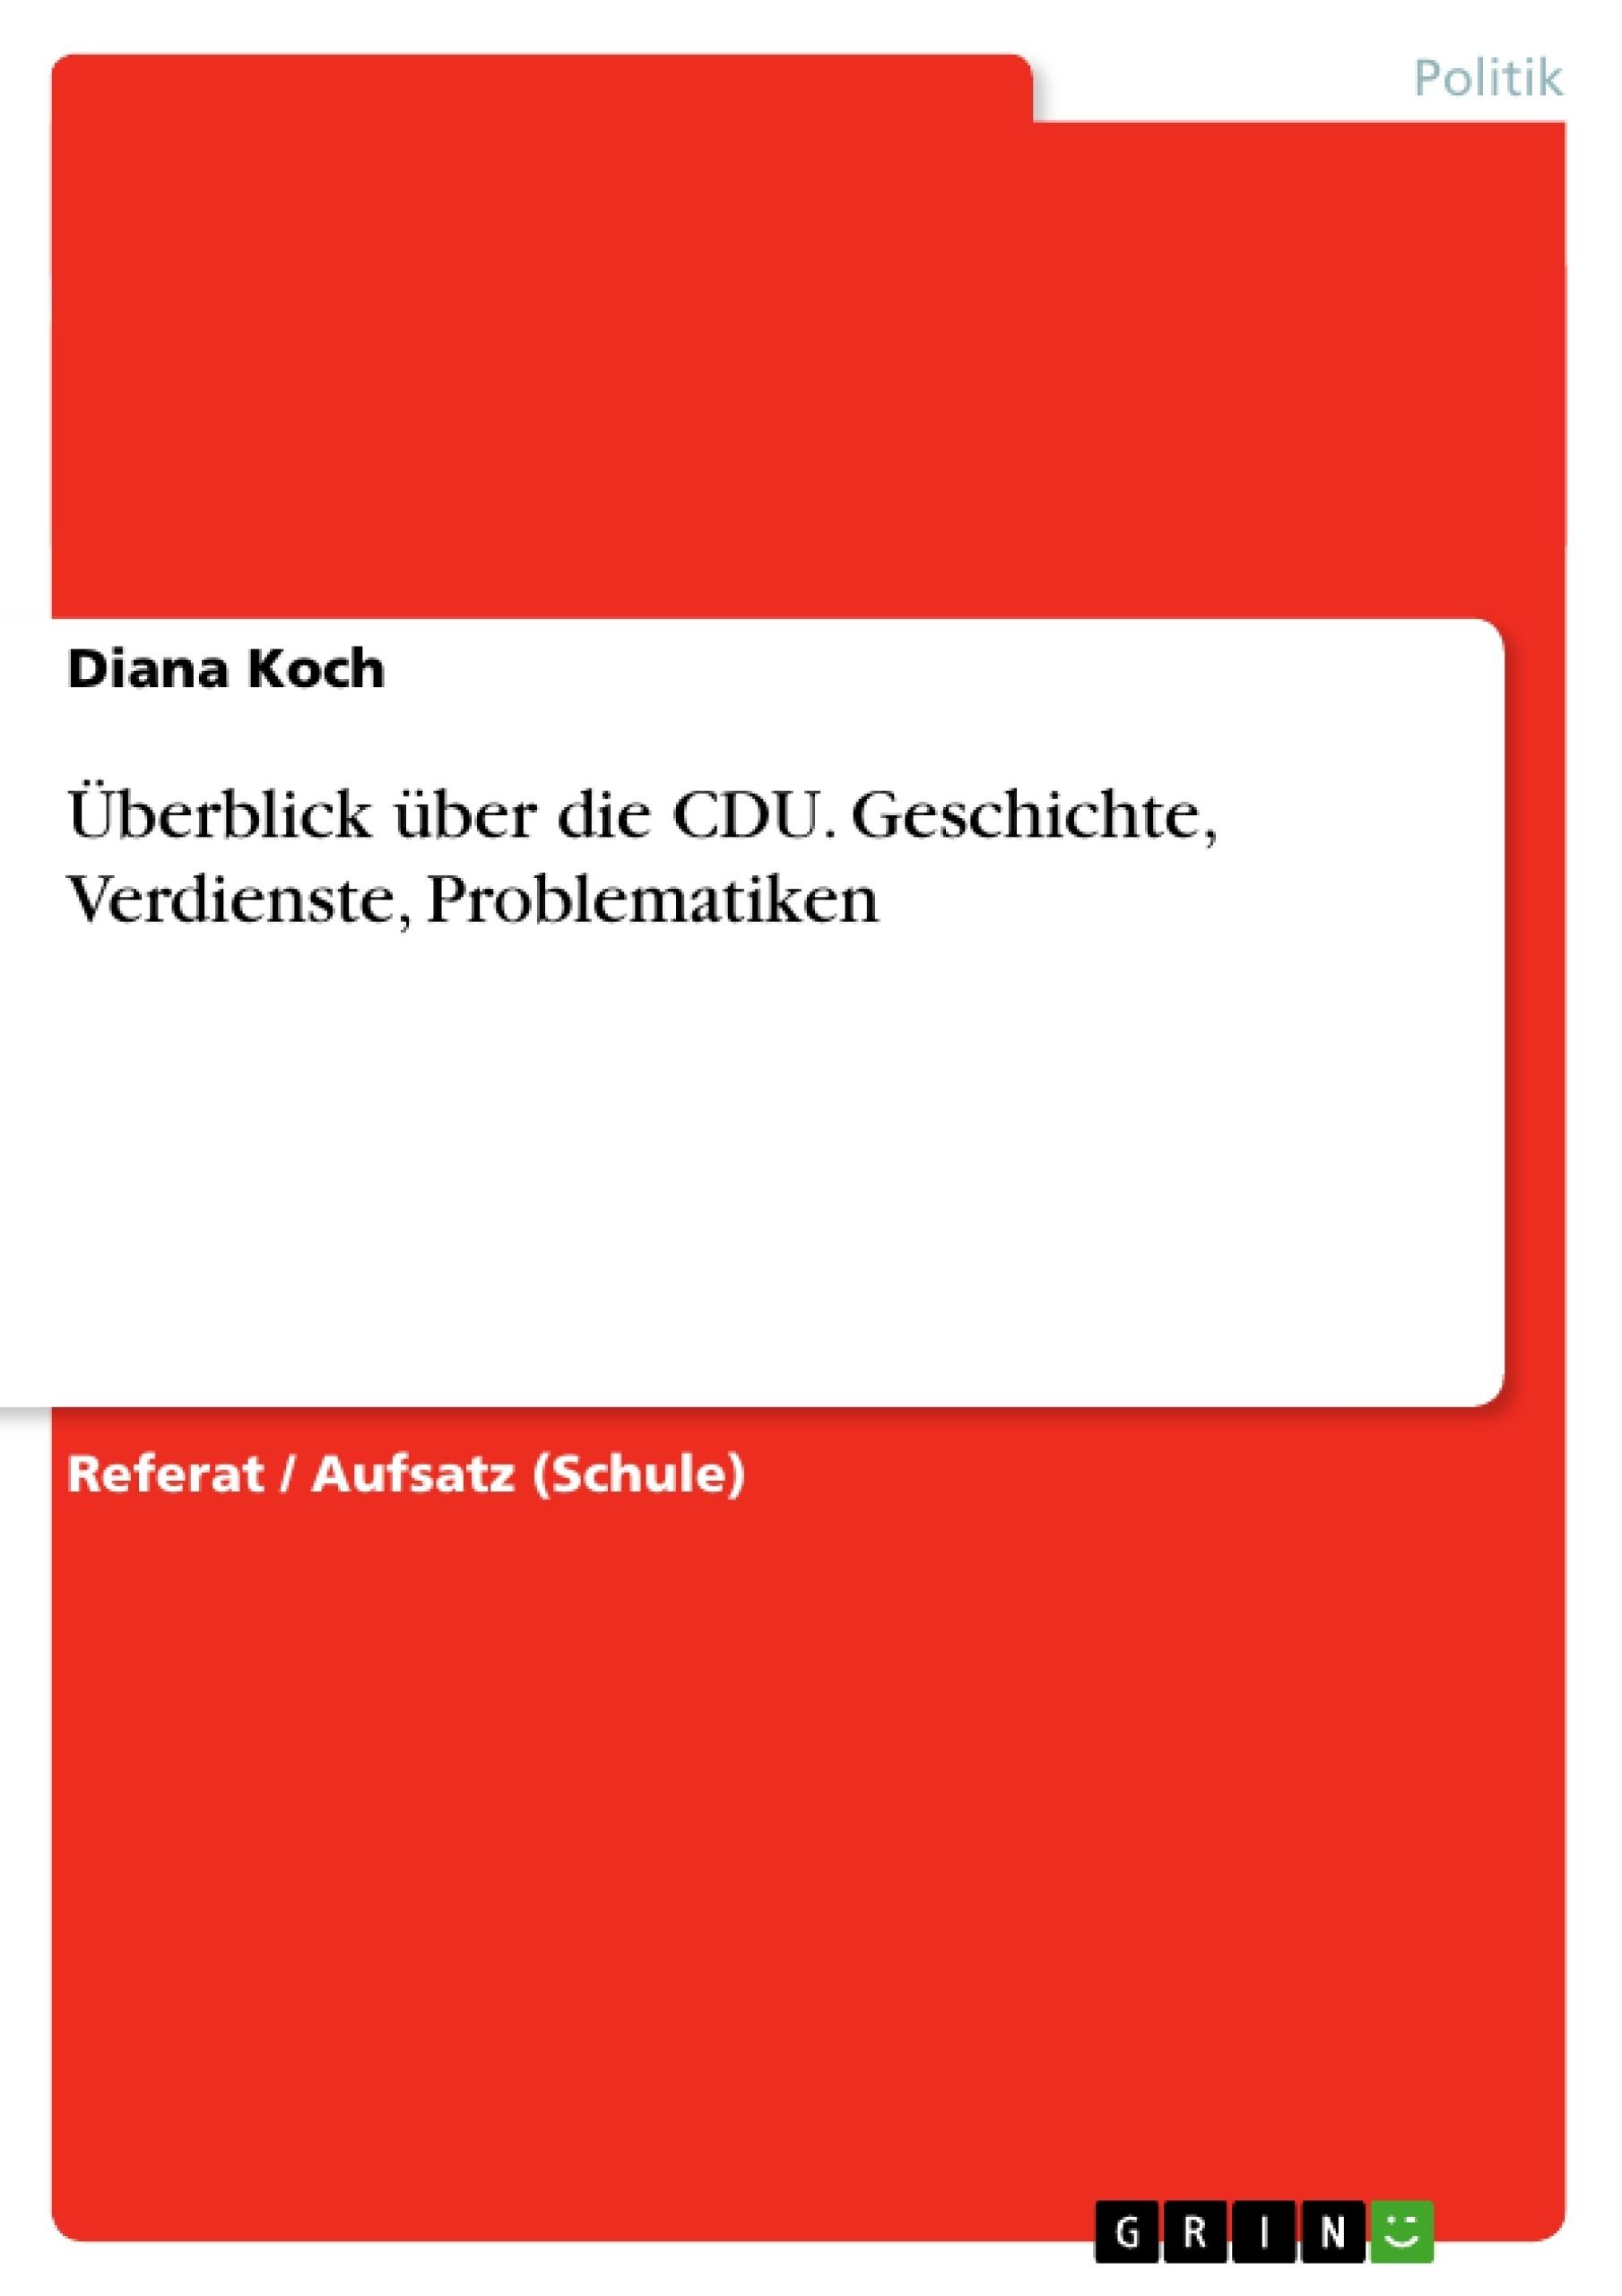 Titel: Überblick über die CDU. Geschichte, Verdienste, Problematiken